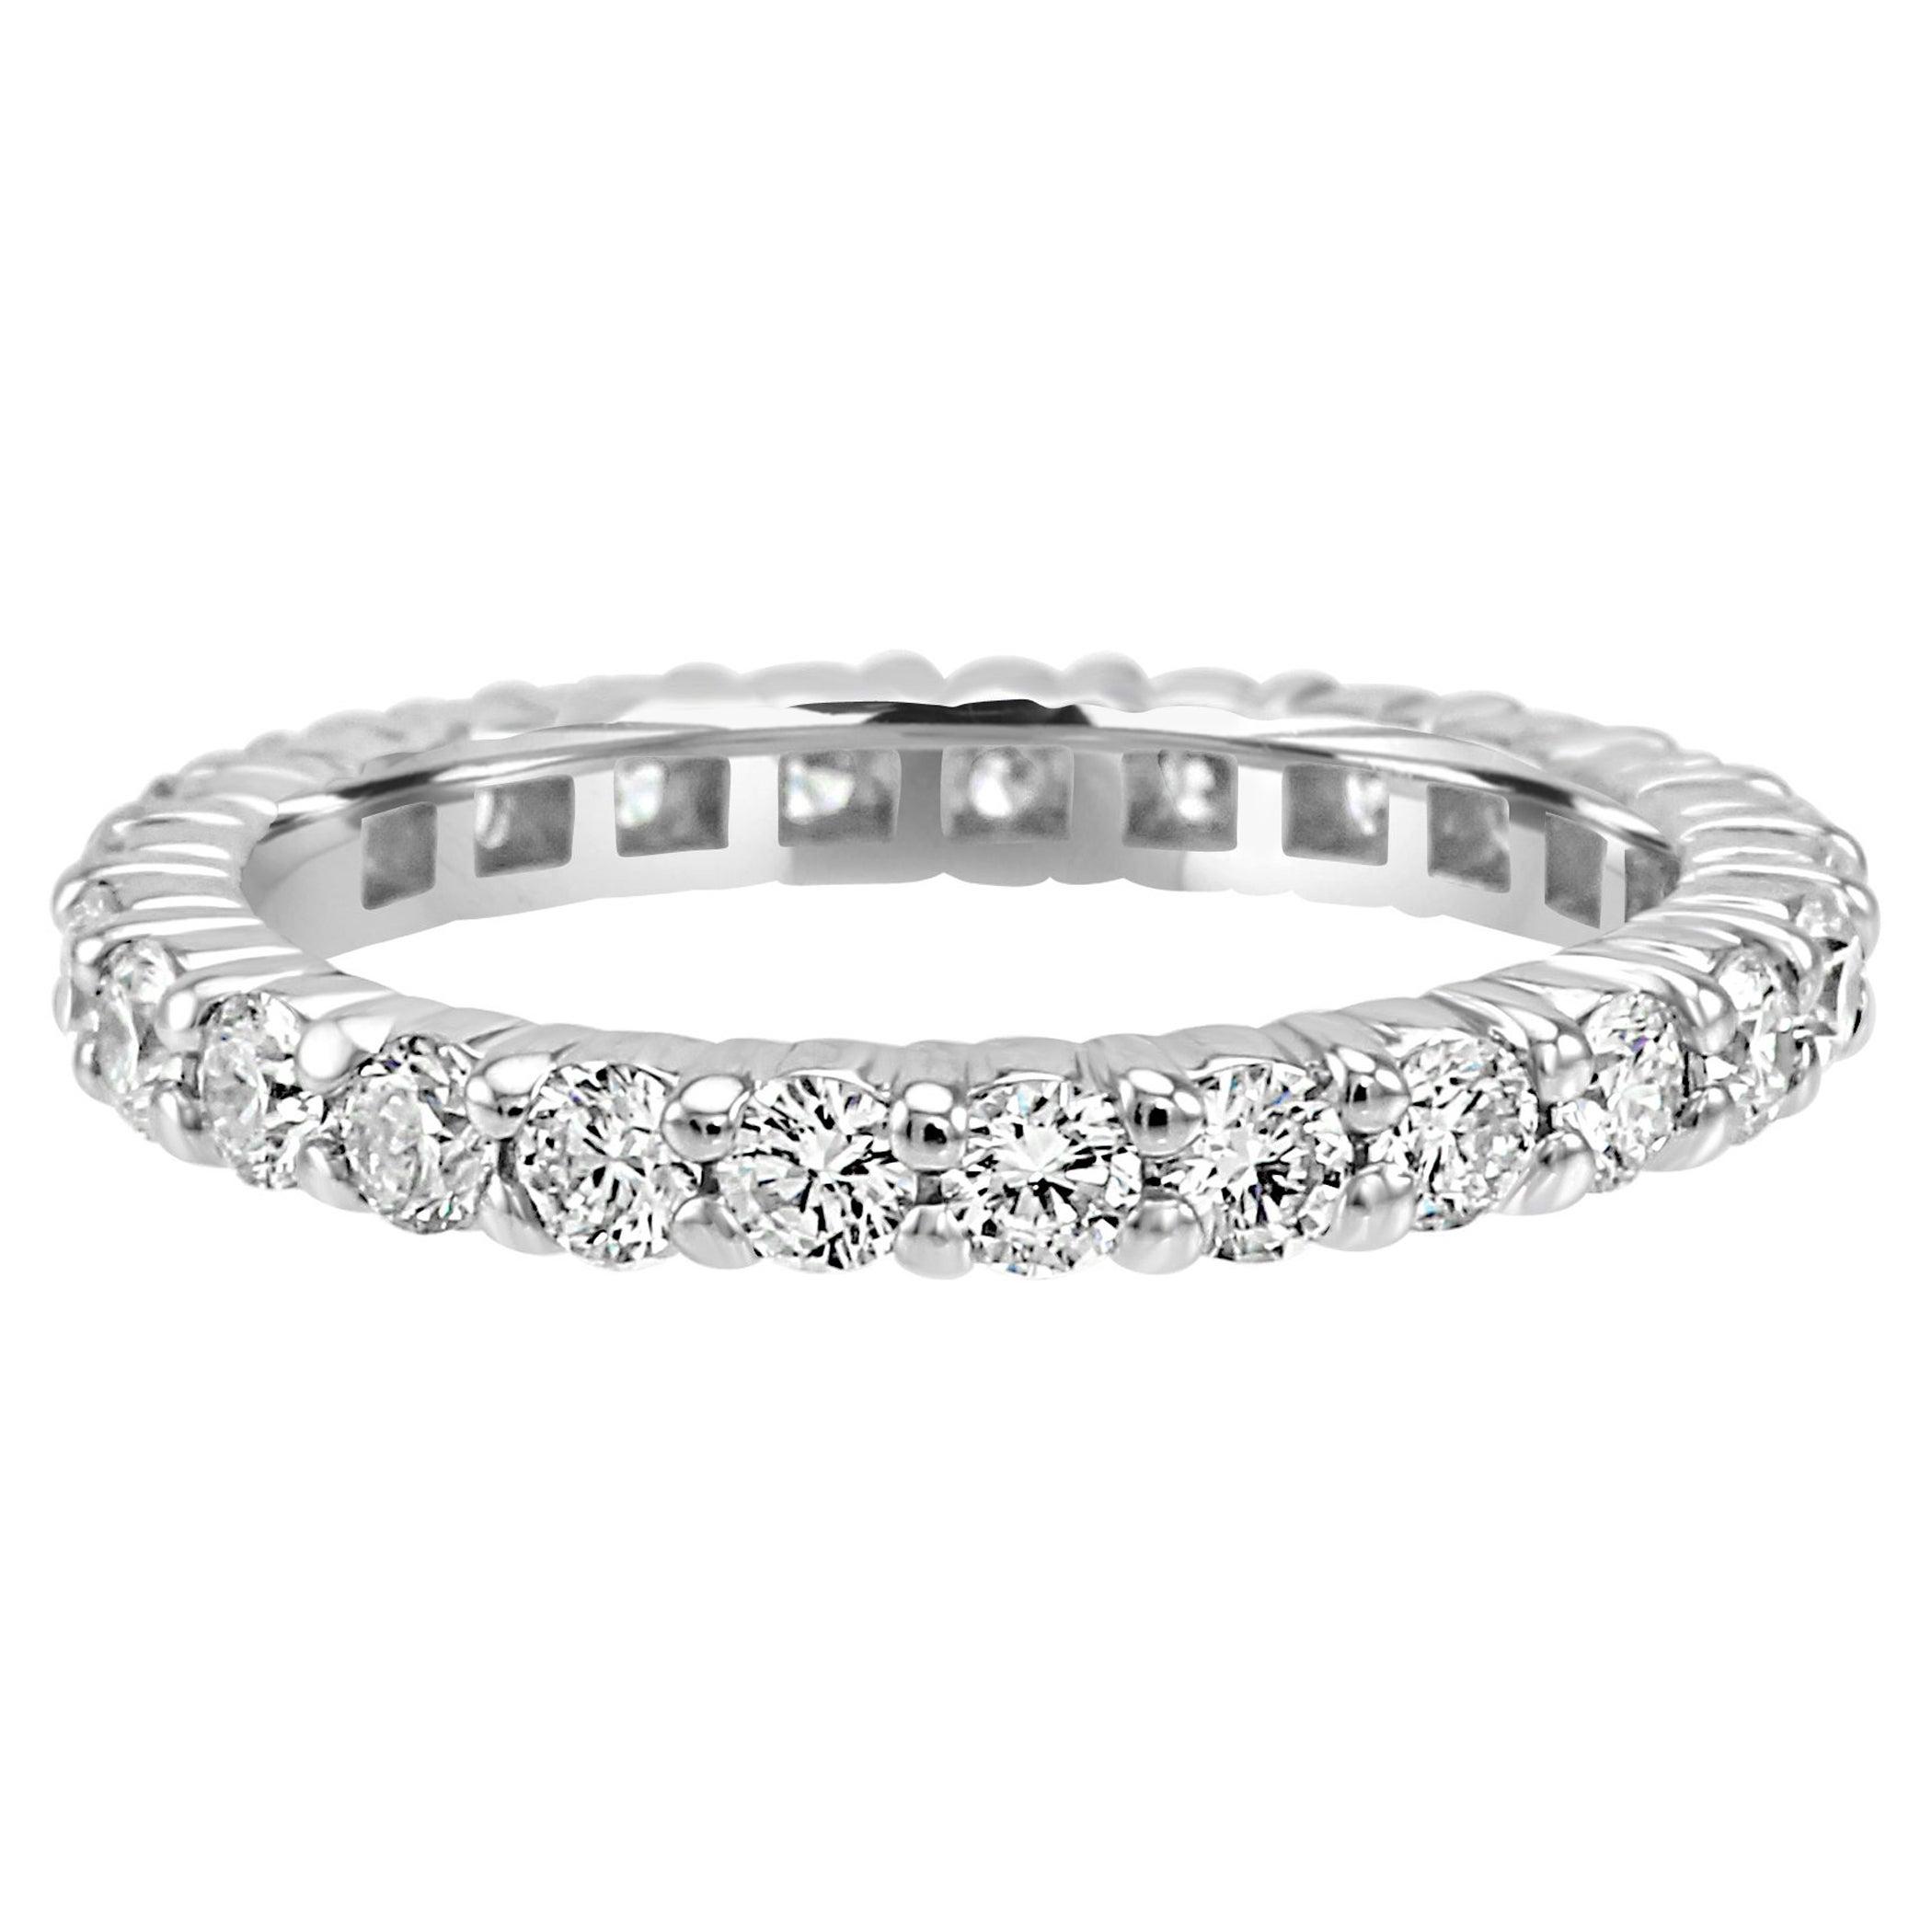 White Round Diamond Platinum Eternity Band Ring